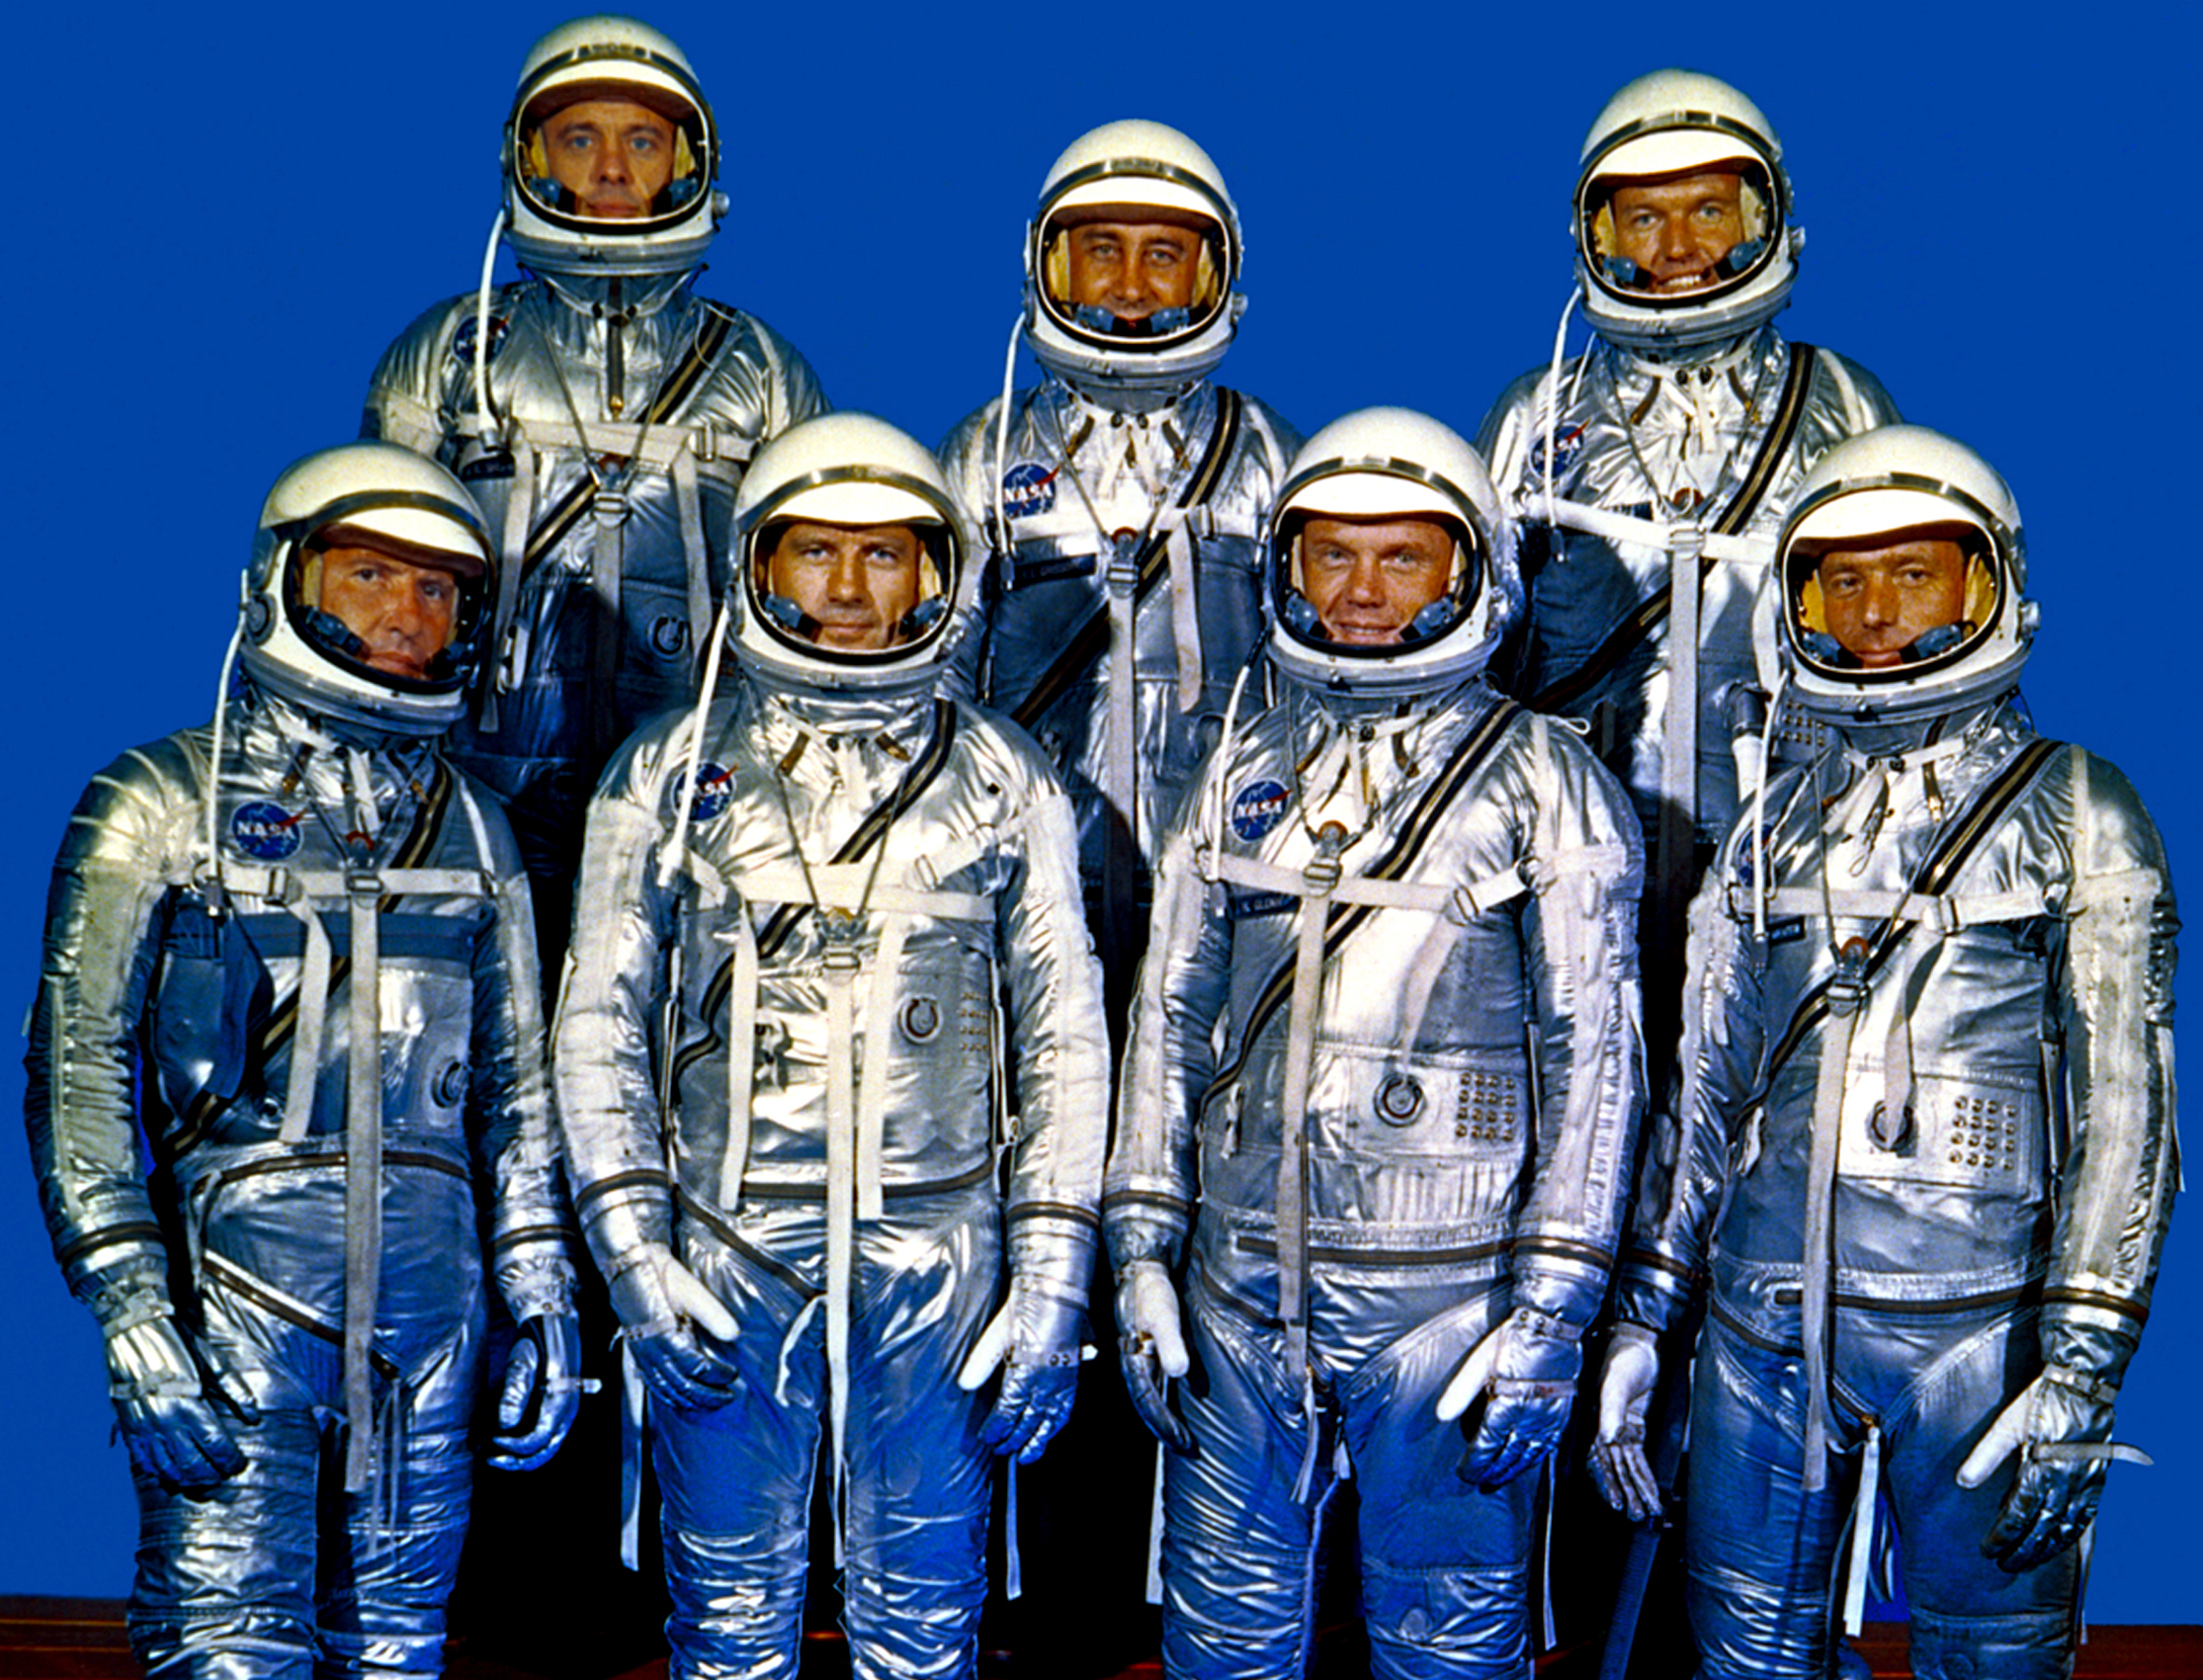 Original_7_Astronauts_in_Spacesuits_-_GPN-2000-001293